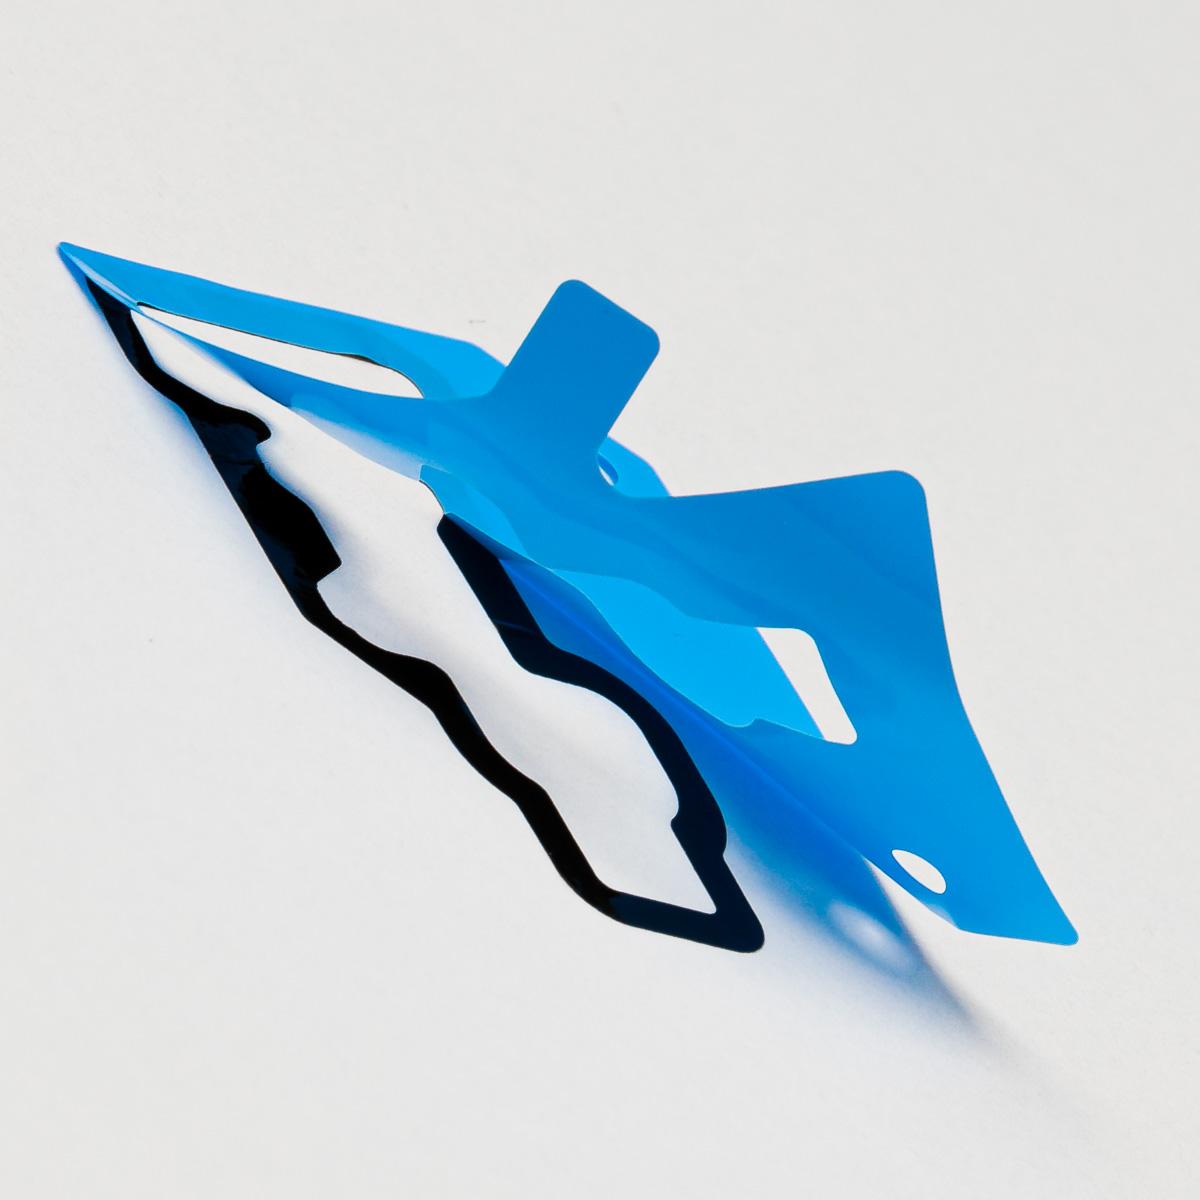 die cut adhesive tape